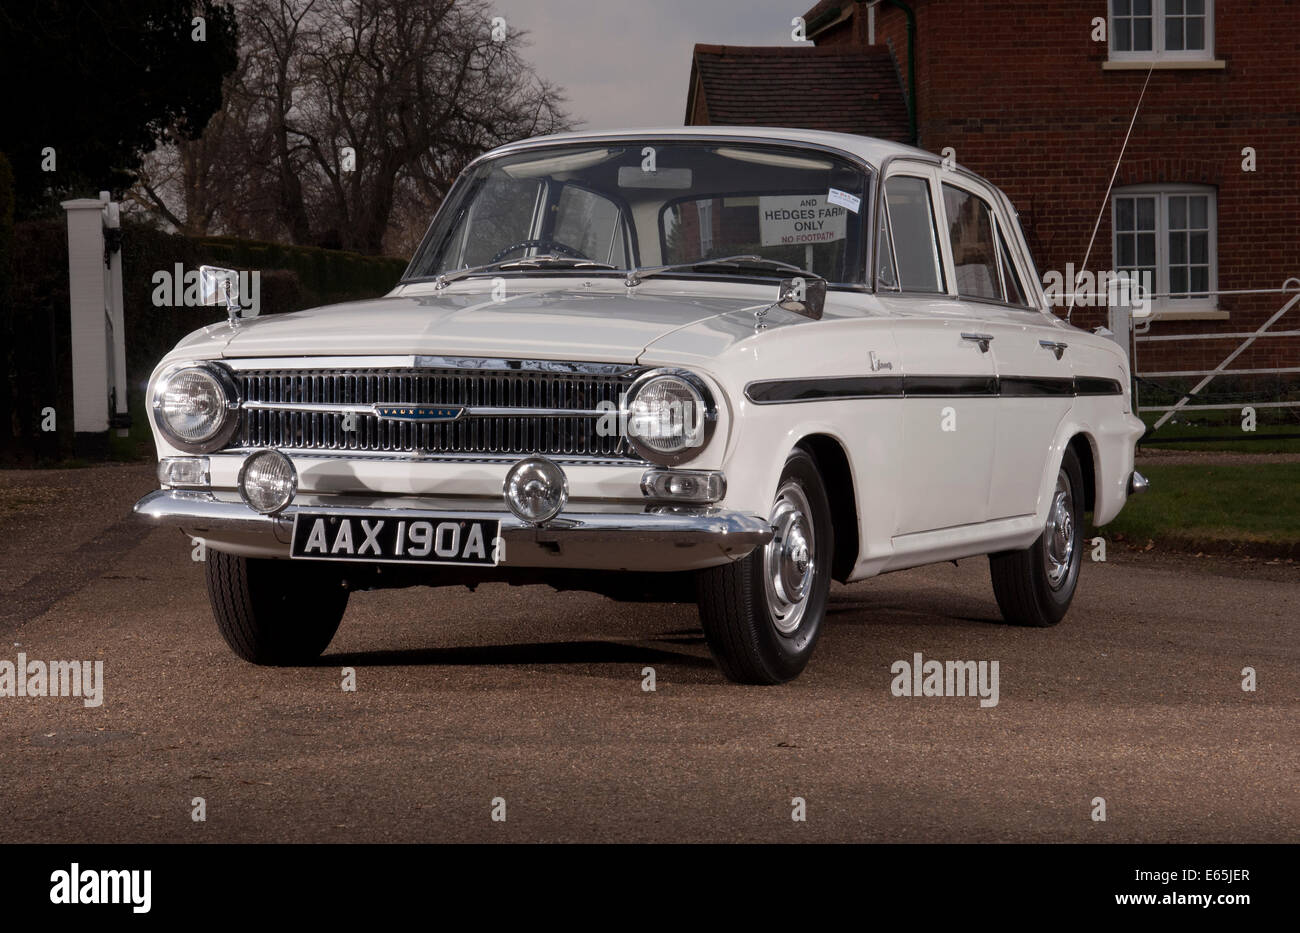 1963 Vauxhall VX 4/90 sports saloon car Stock Photo